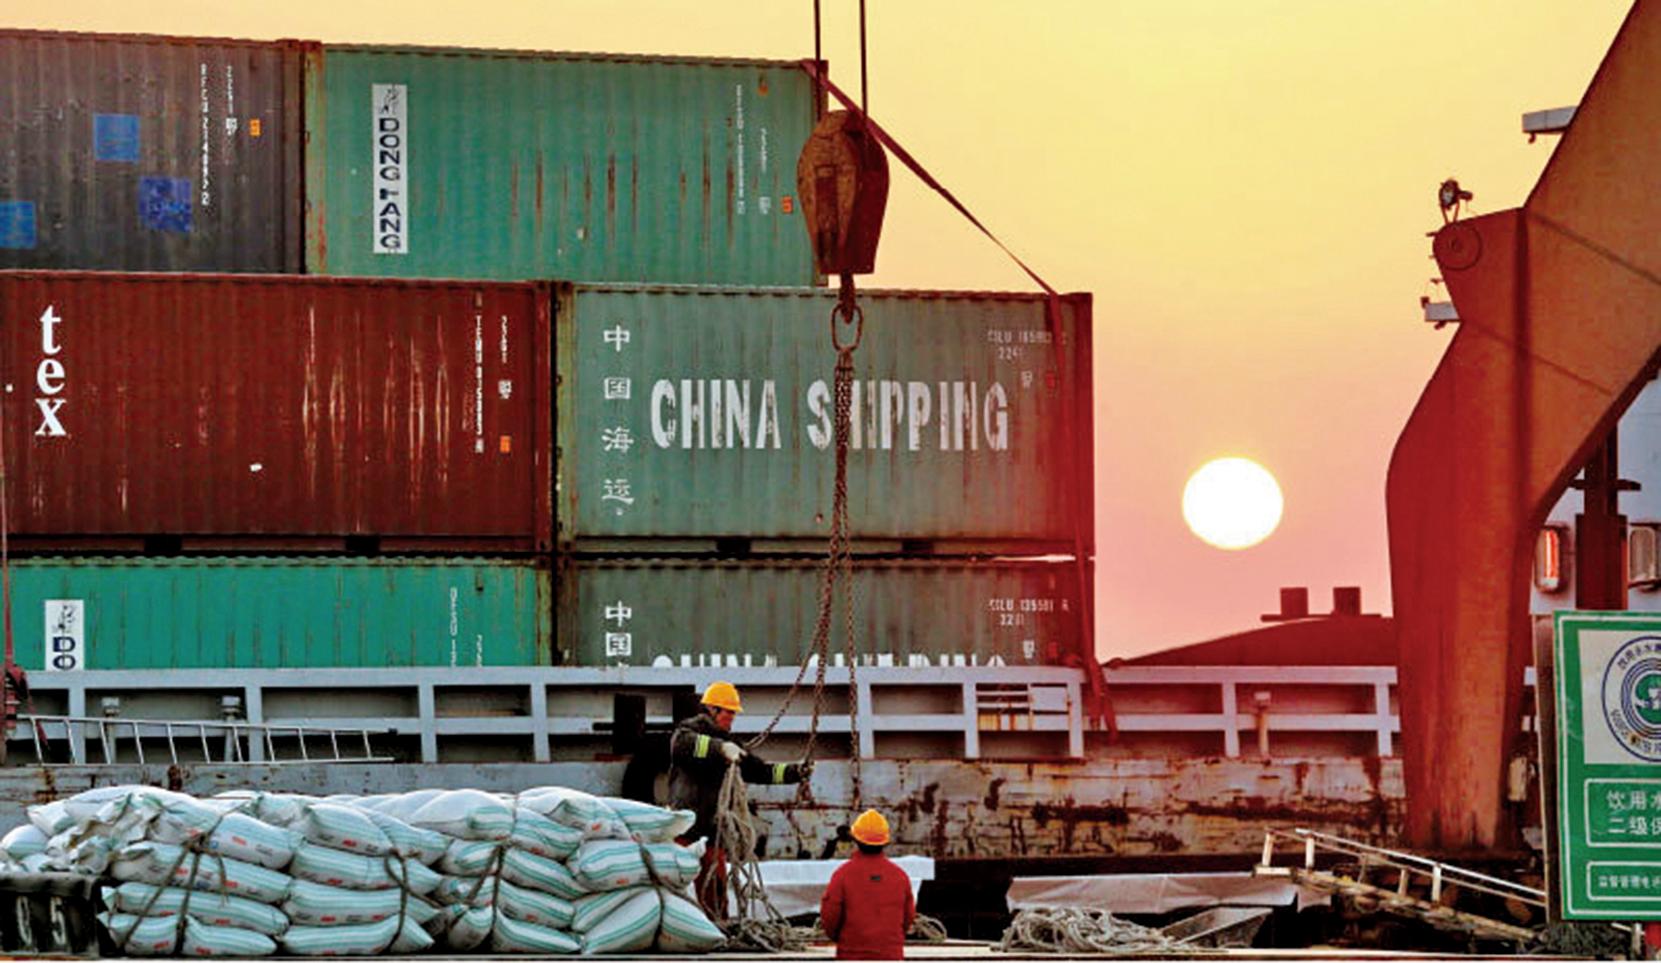 美國對中方的貿易戰場規模將達到空前的5,170億美元。圖為在美國長灘港口的中國集裝箱。(Getty Images)